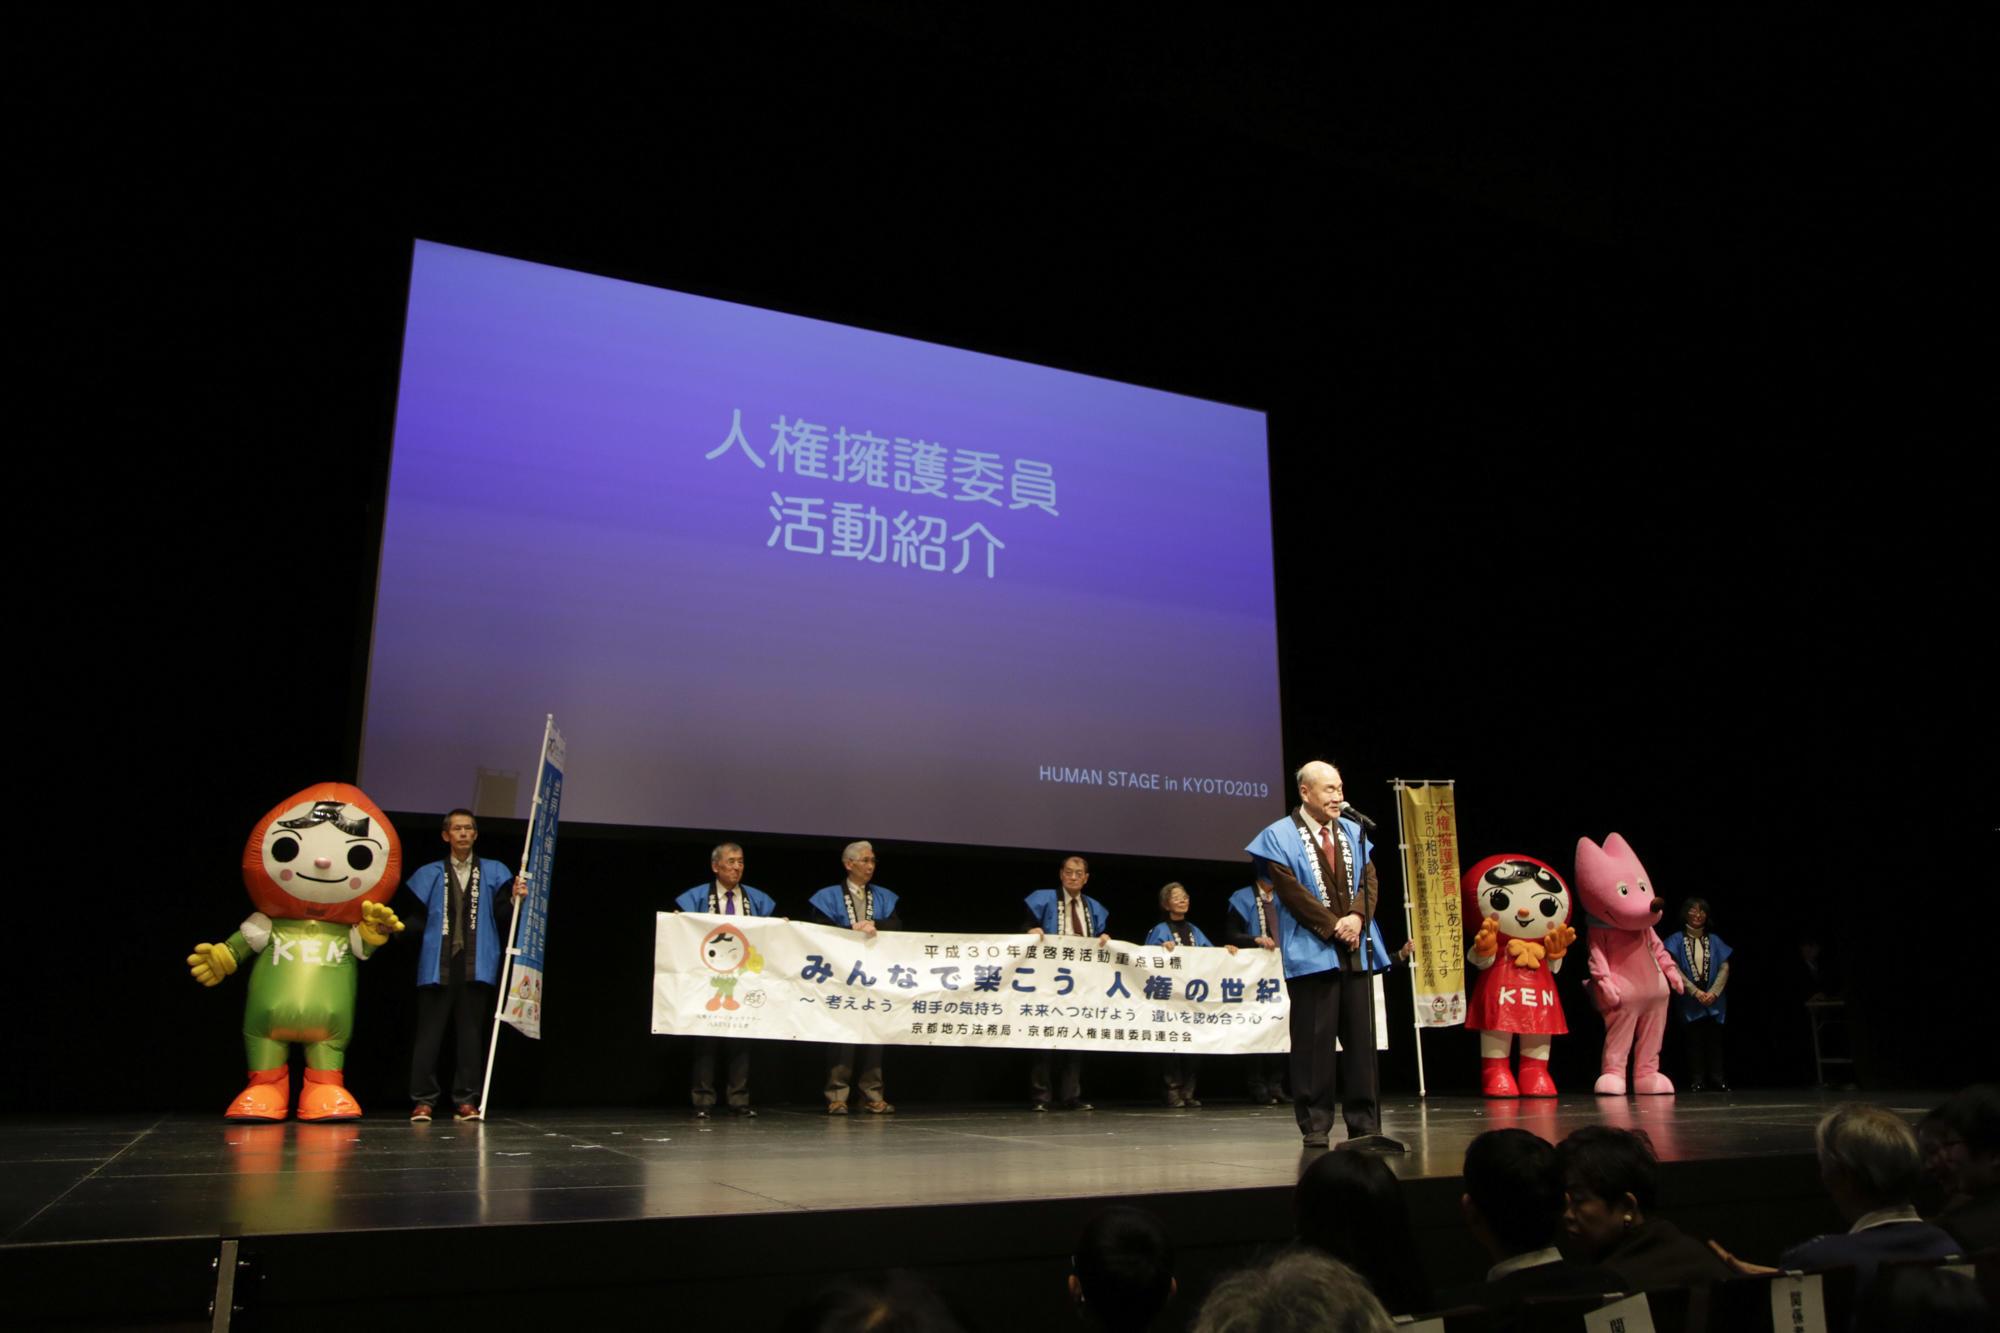 http://news.yoshimoto.co.jp/20190128143150-17571dbf2af3732178cfb56ff9f0c46b9fccd2b9.jpg